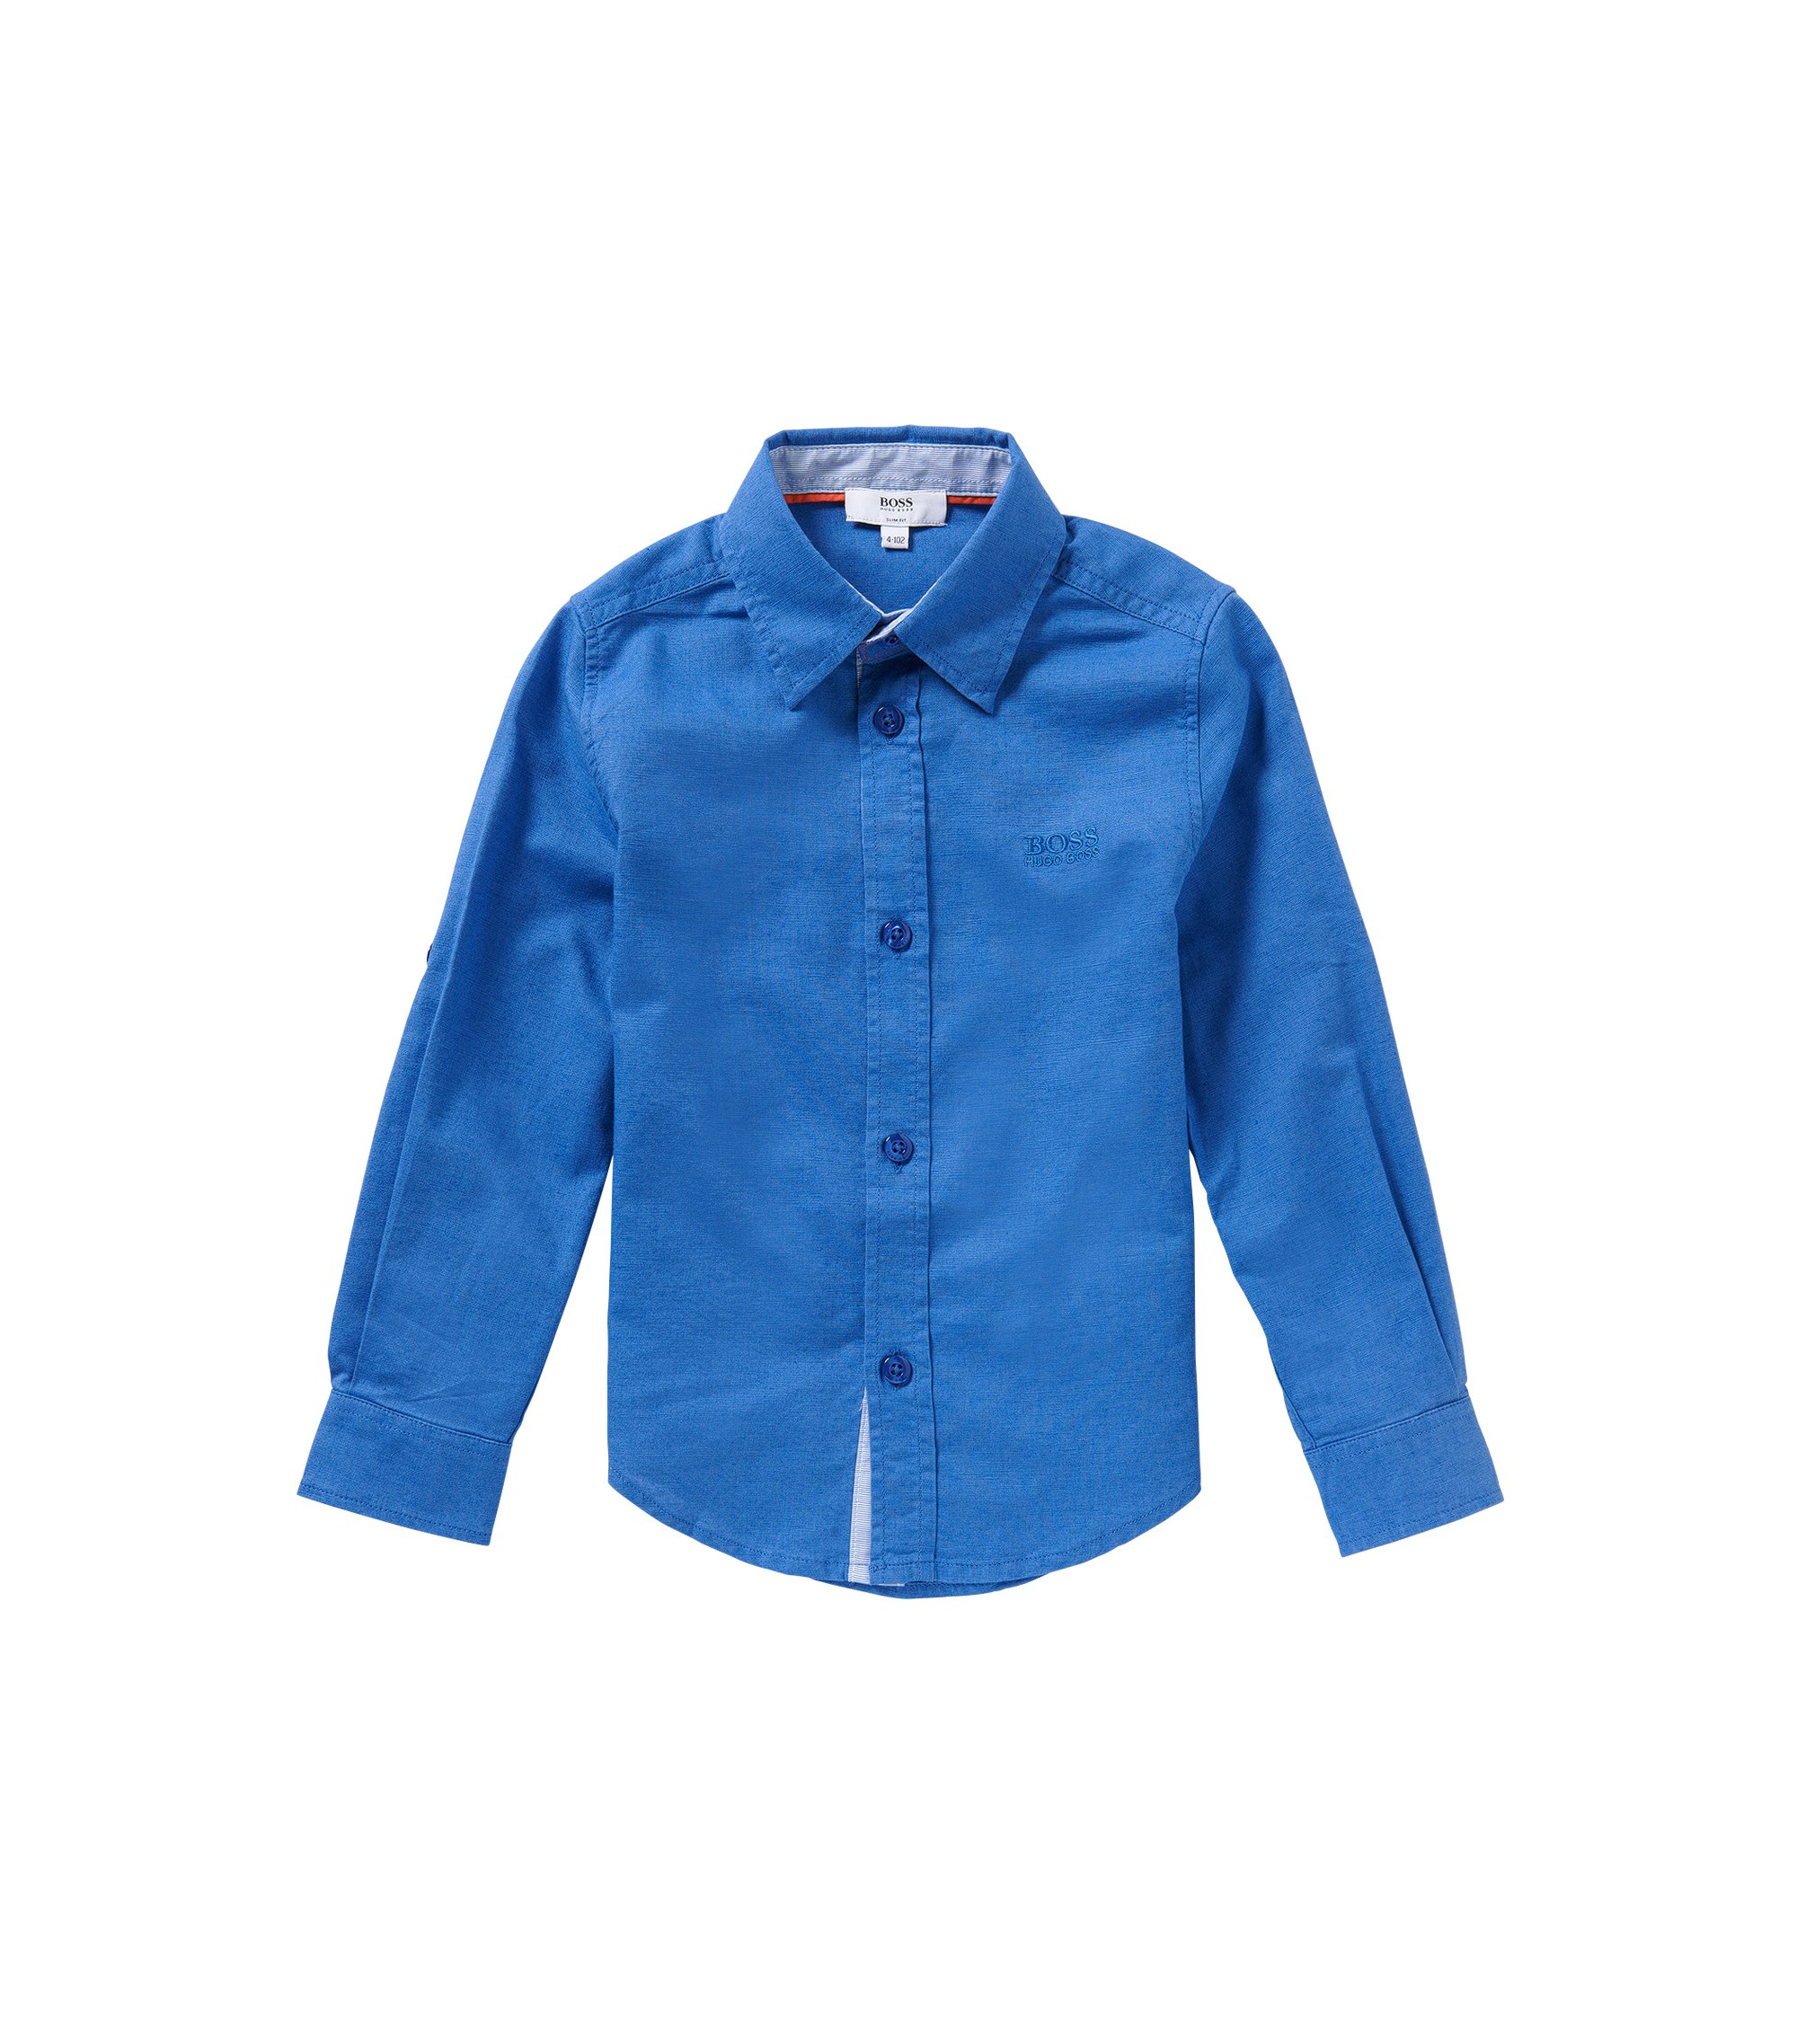 'J25949' | Boys Cotton Linen Blend Button Down Shirt, Blue